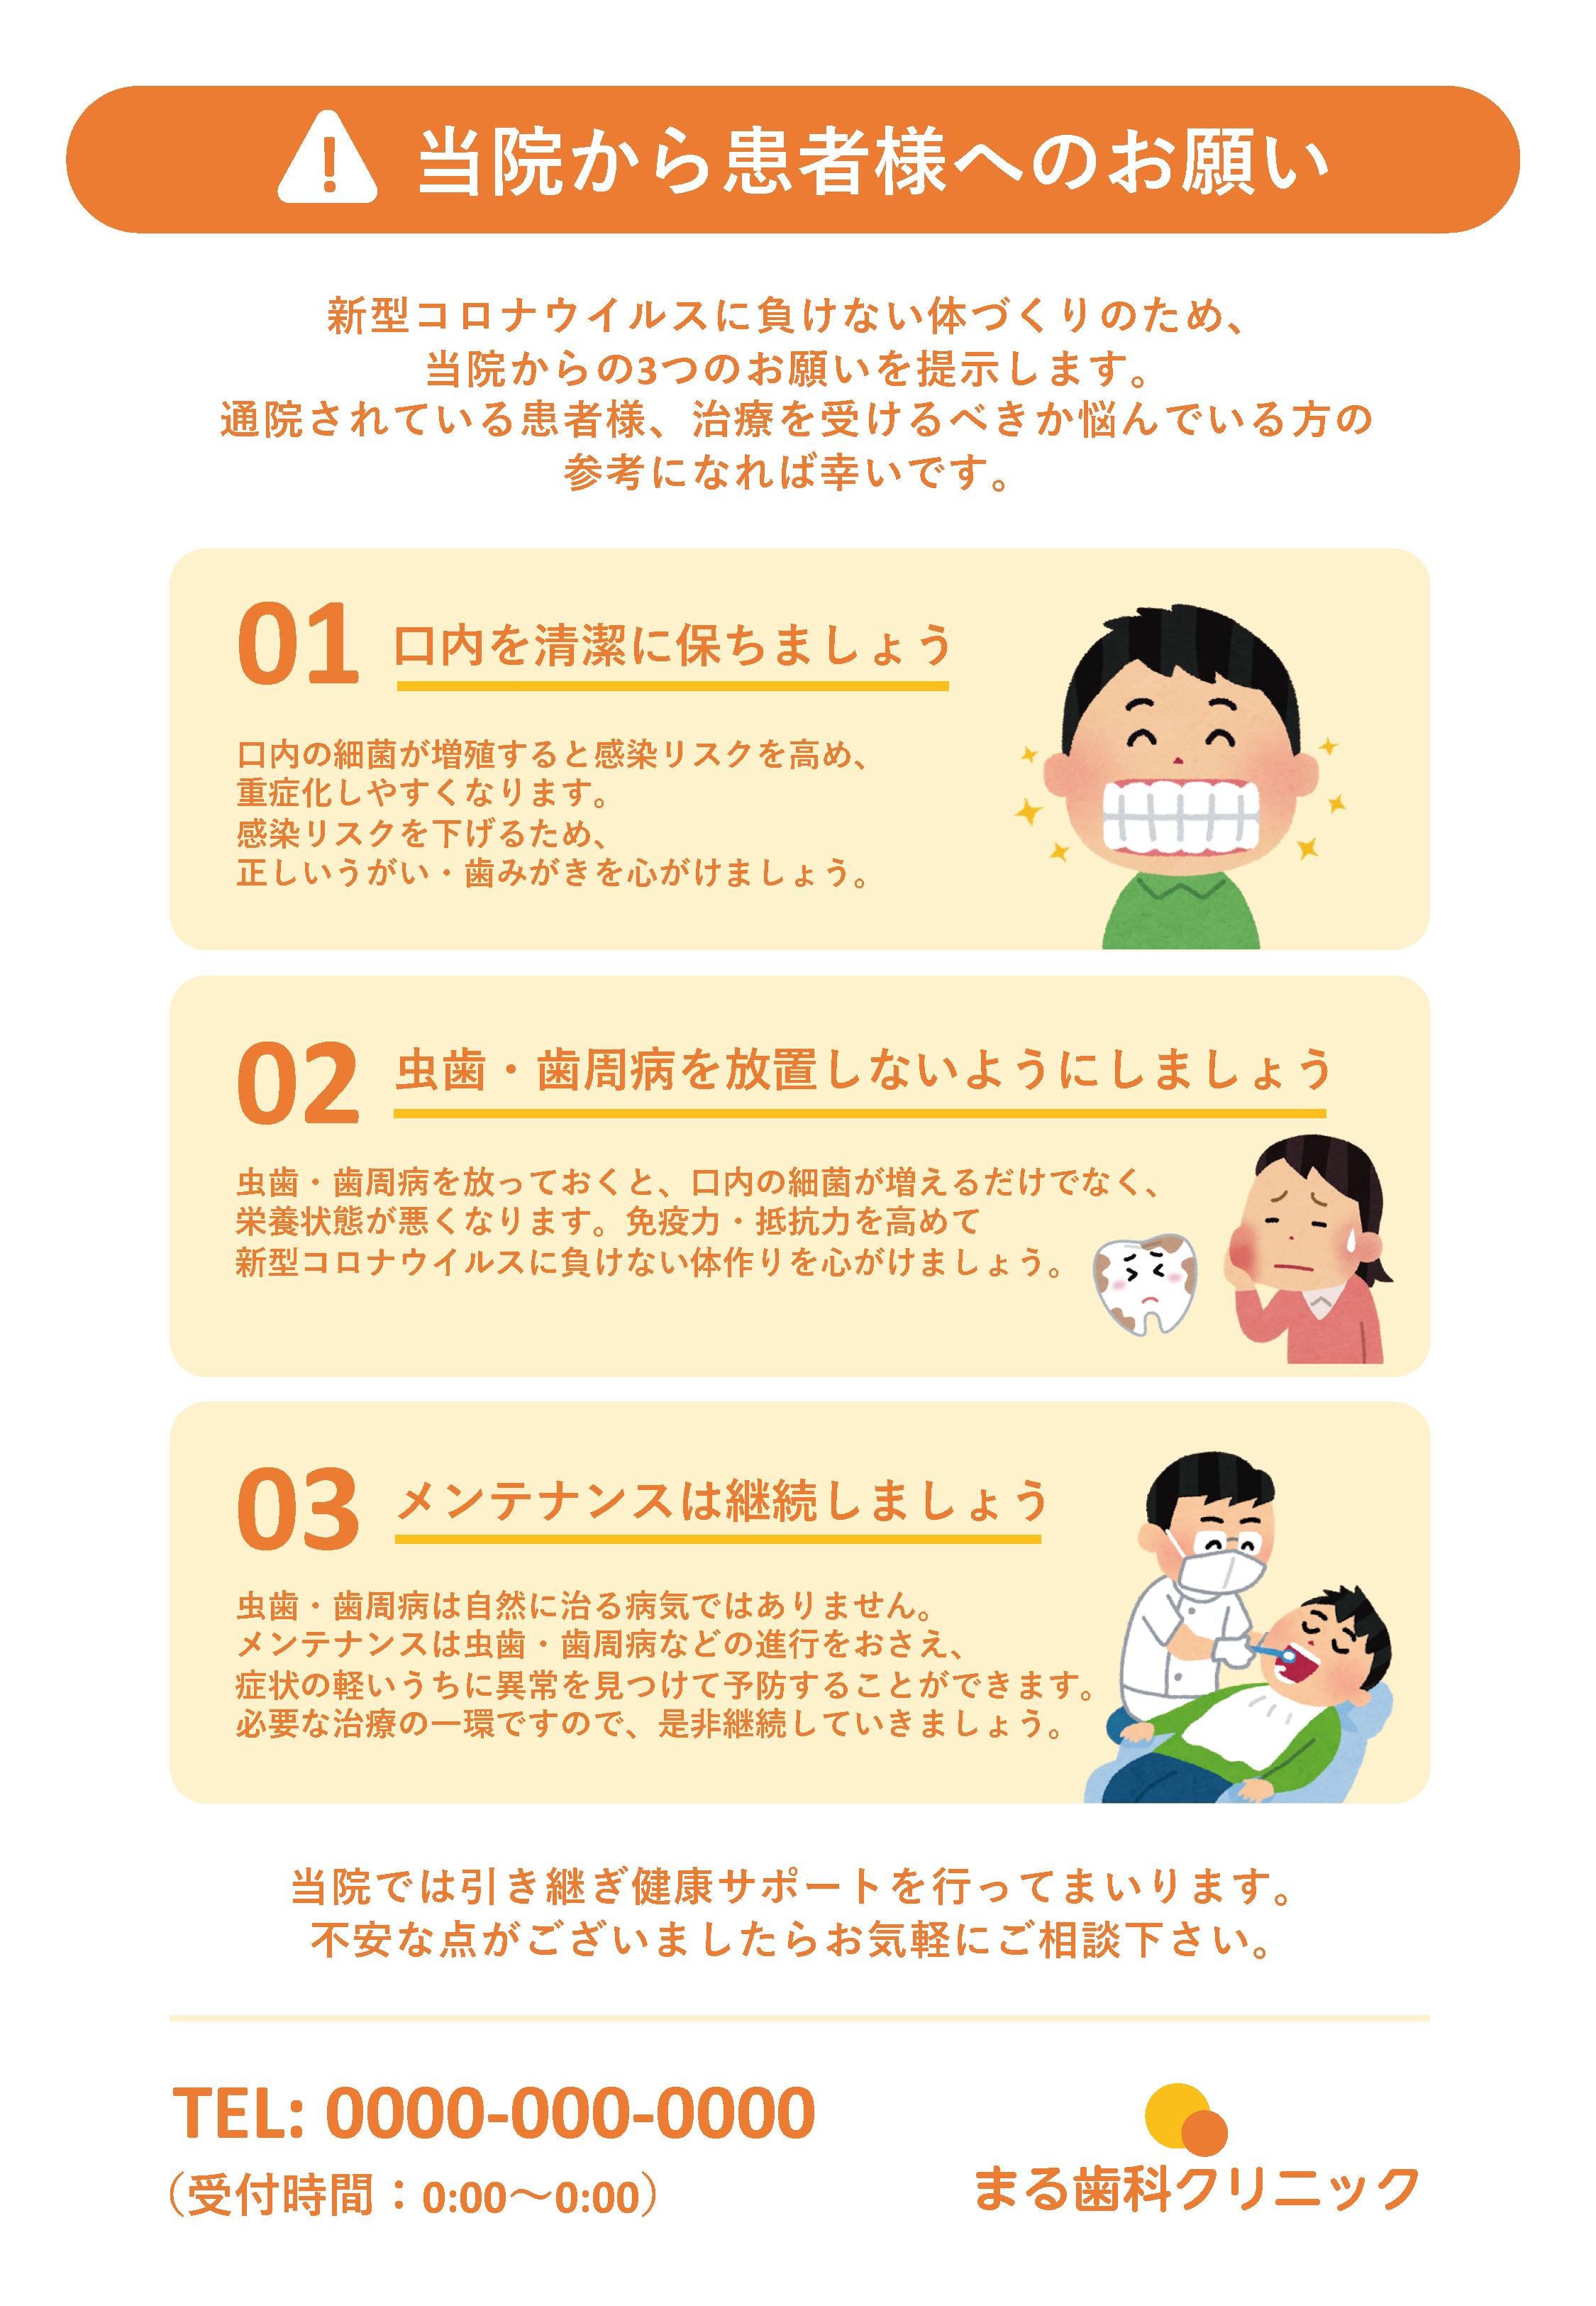 歯科医院様向け患者様へのお願い 【新型コロナウイルス対策ツール】